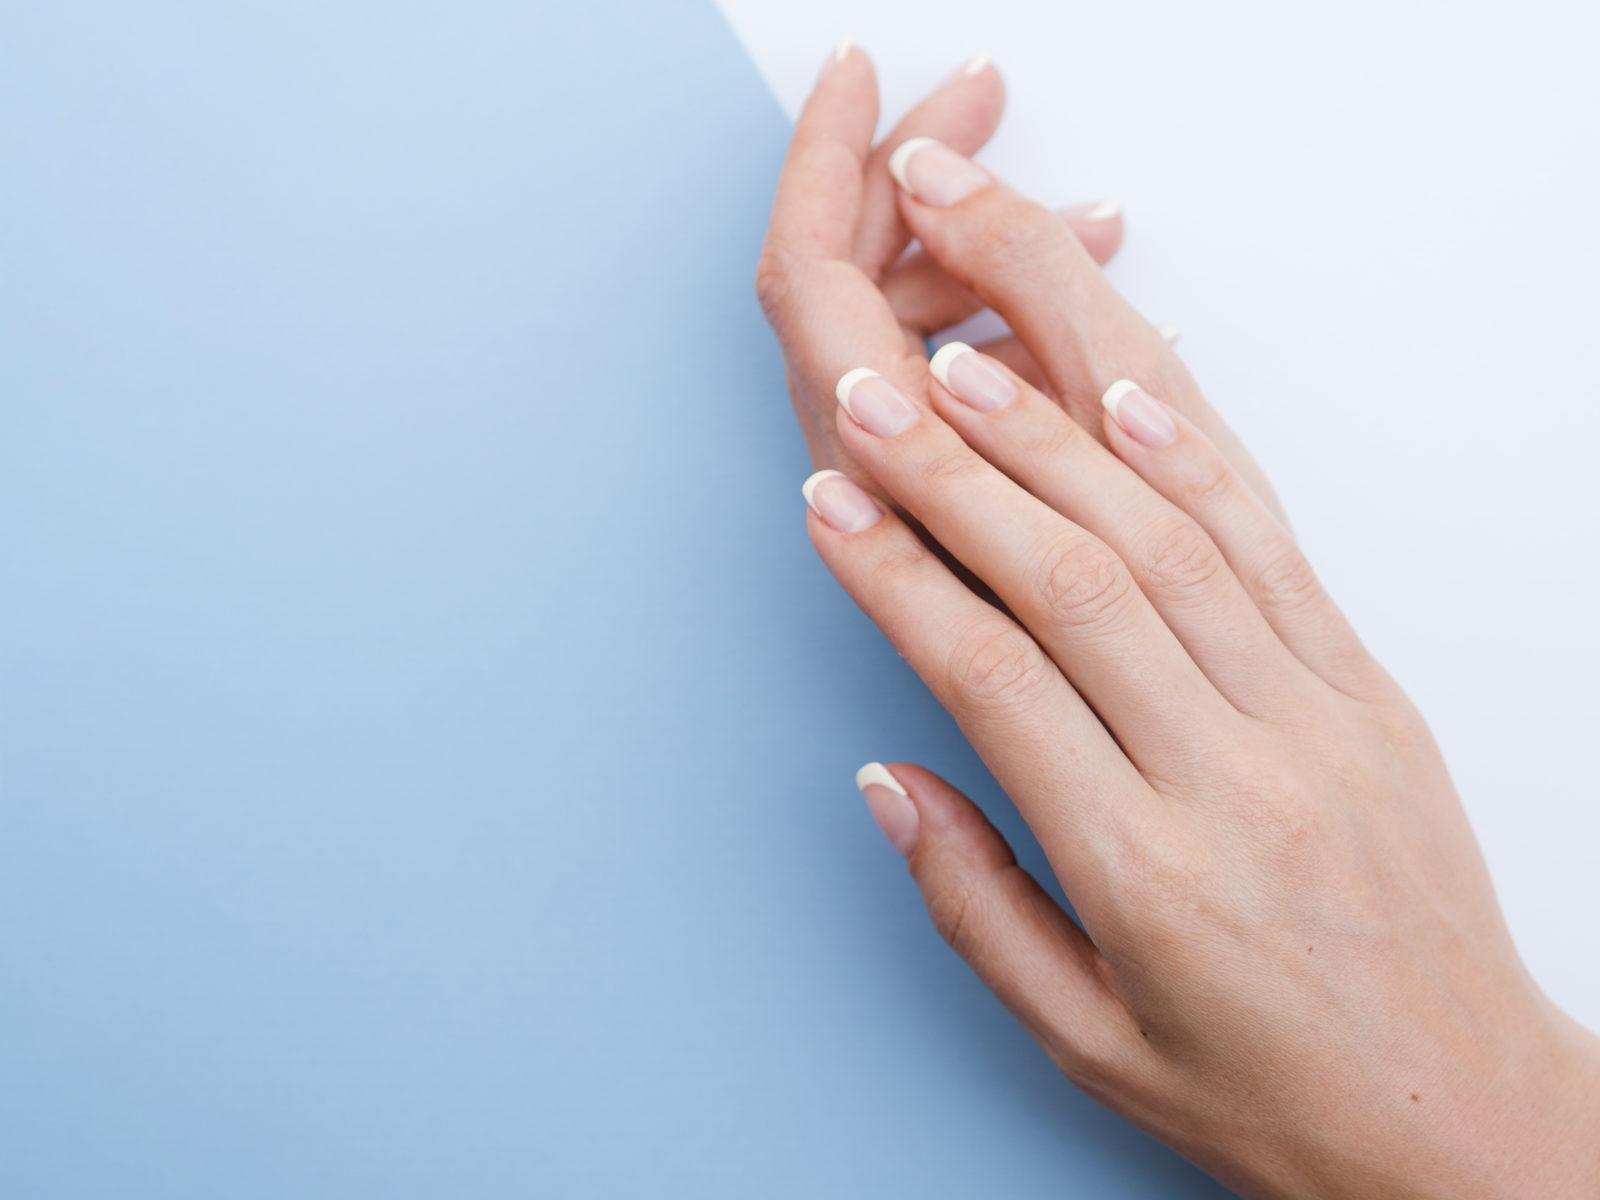 Ventajas del rejuvenecimiento corporal y de manos